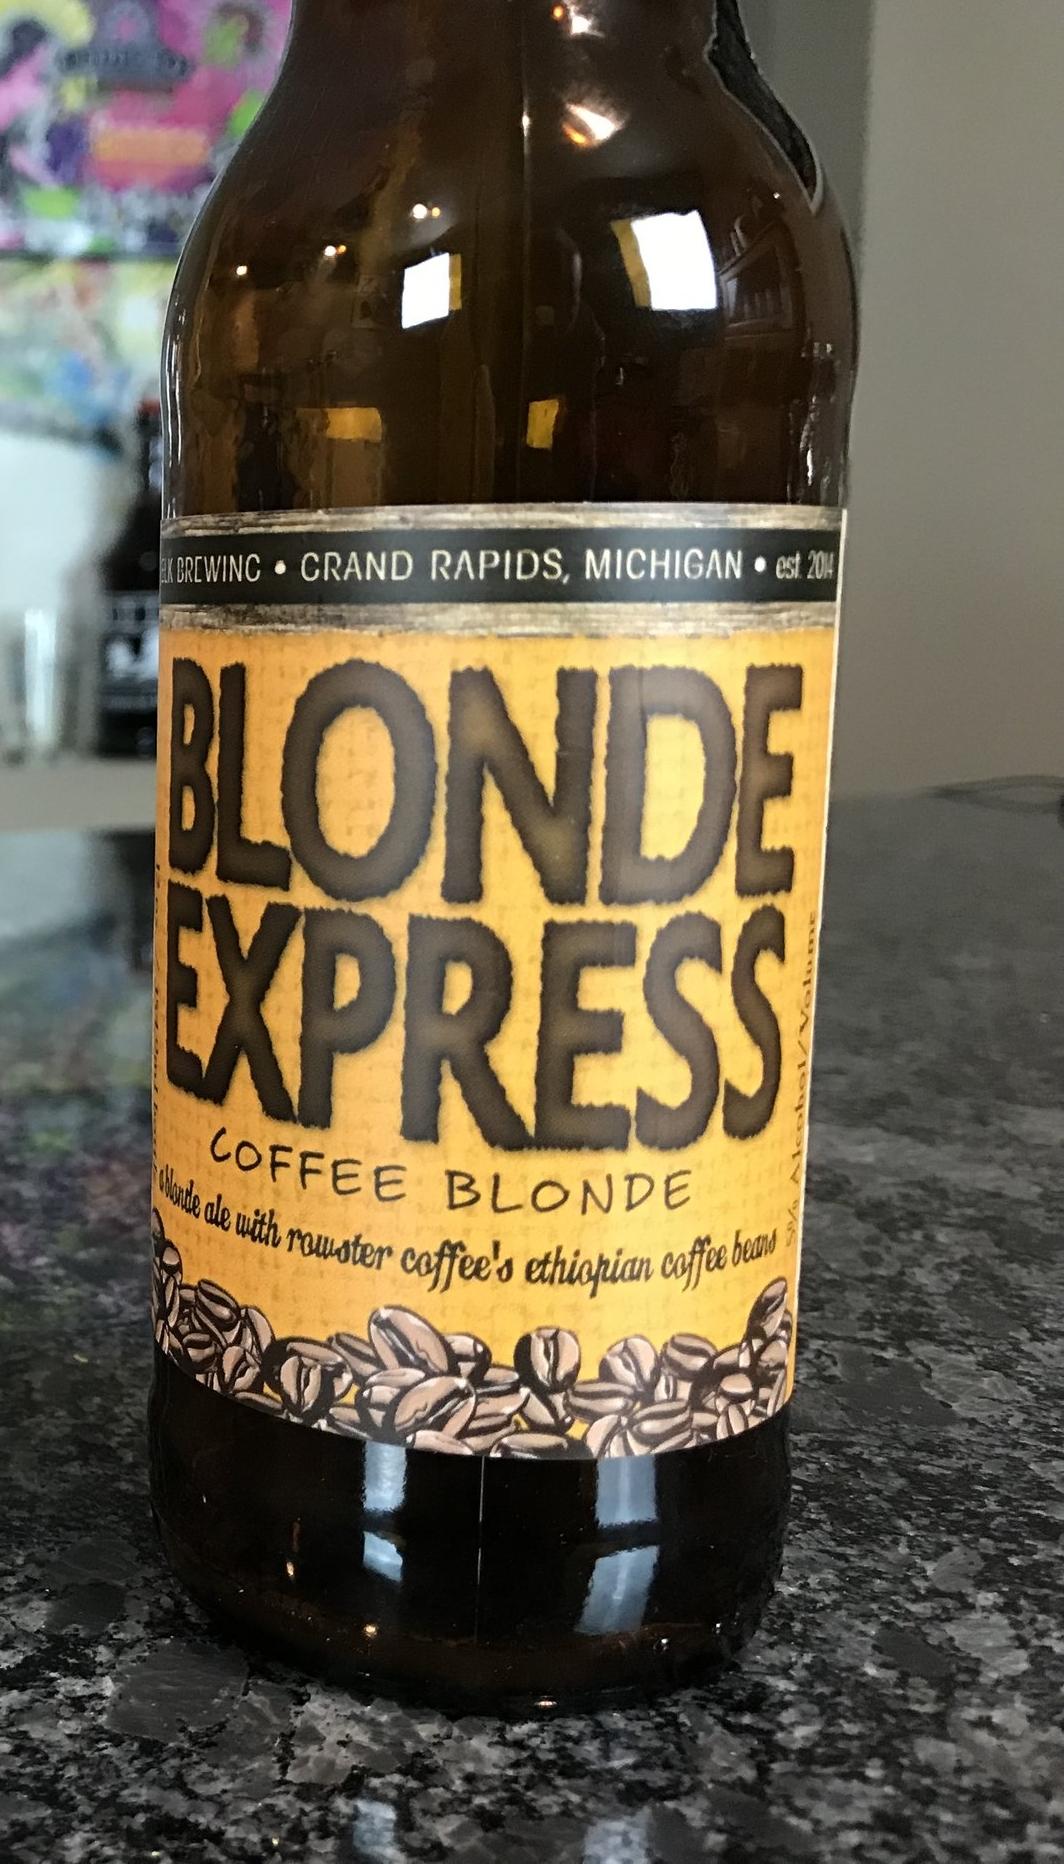 Blonde Express Pic 1.JPG